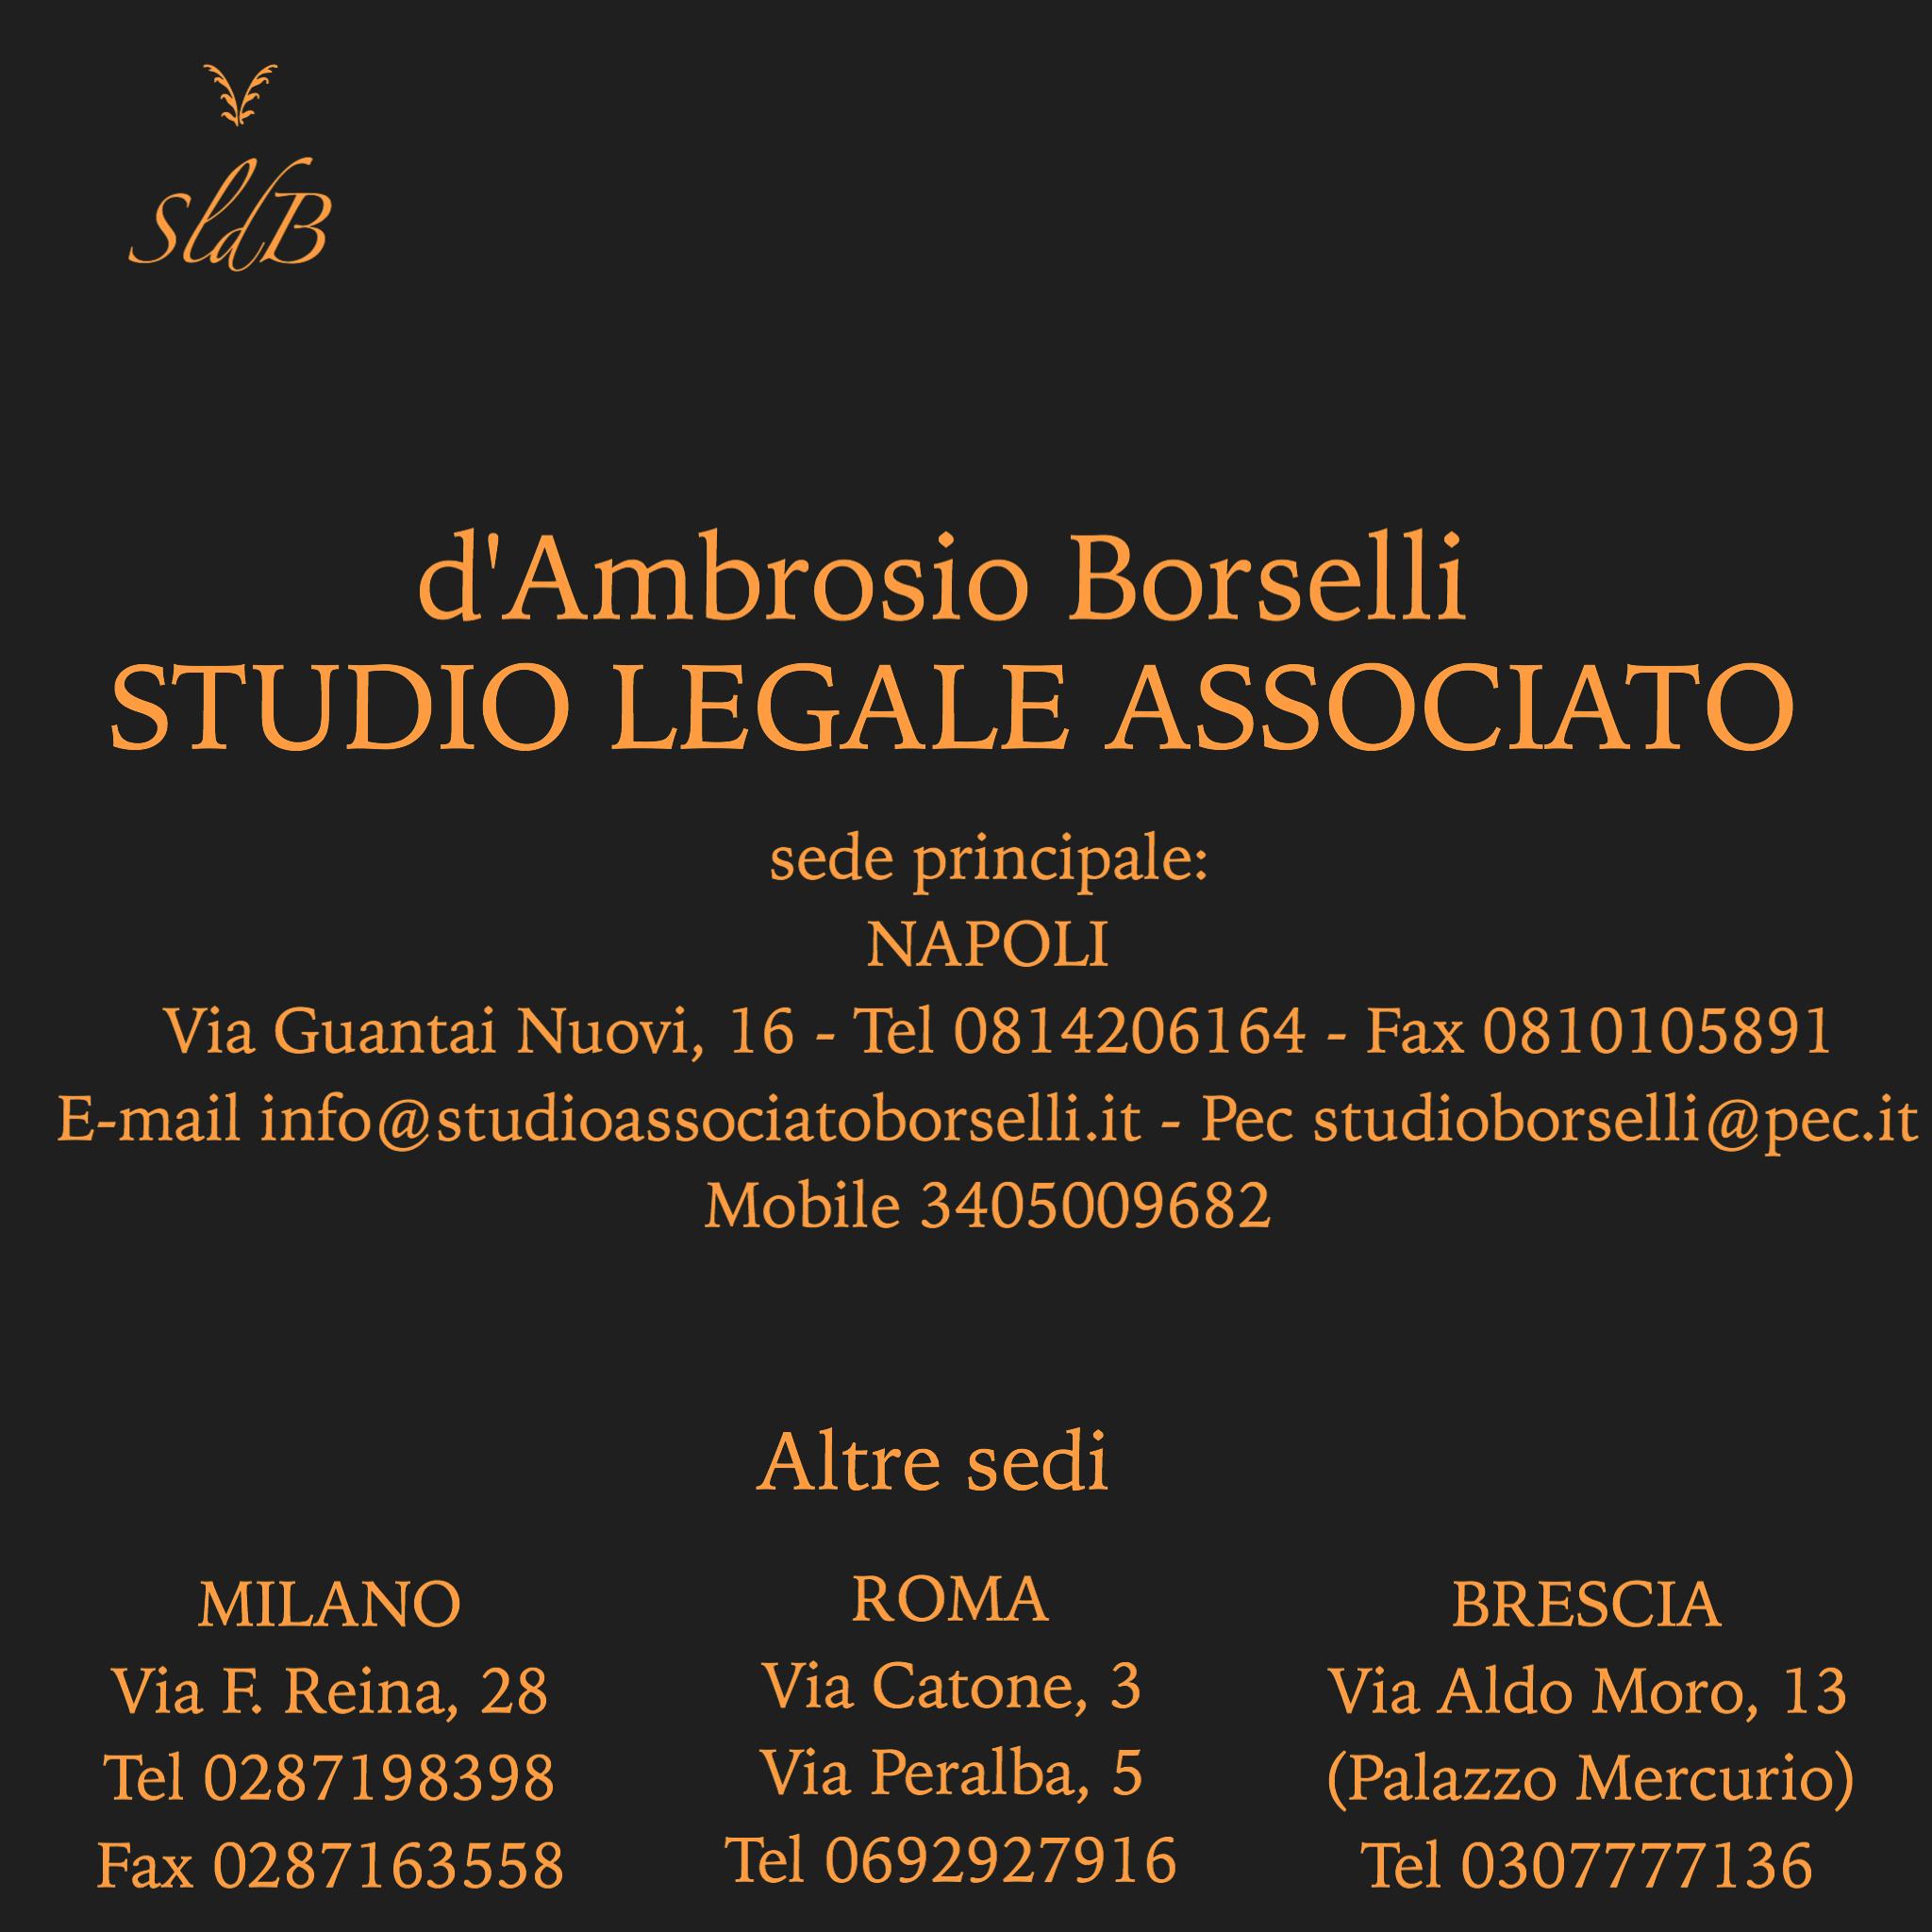 Studio Legale Associato d'Ambrosio Borselli